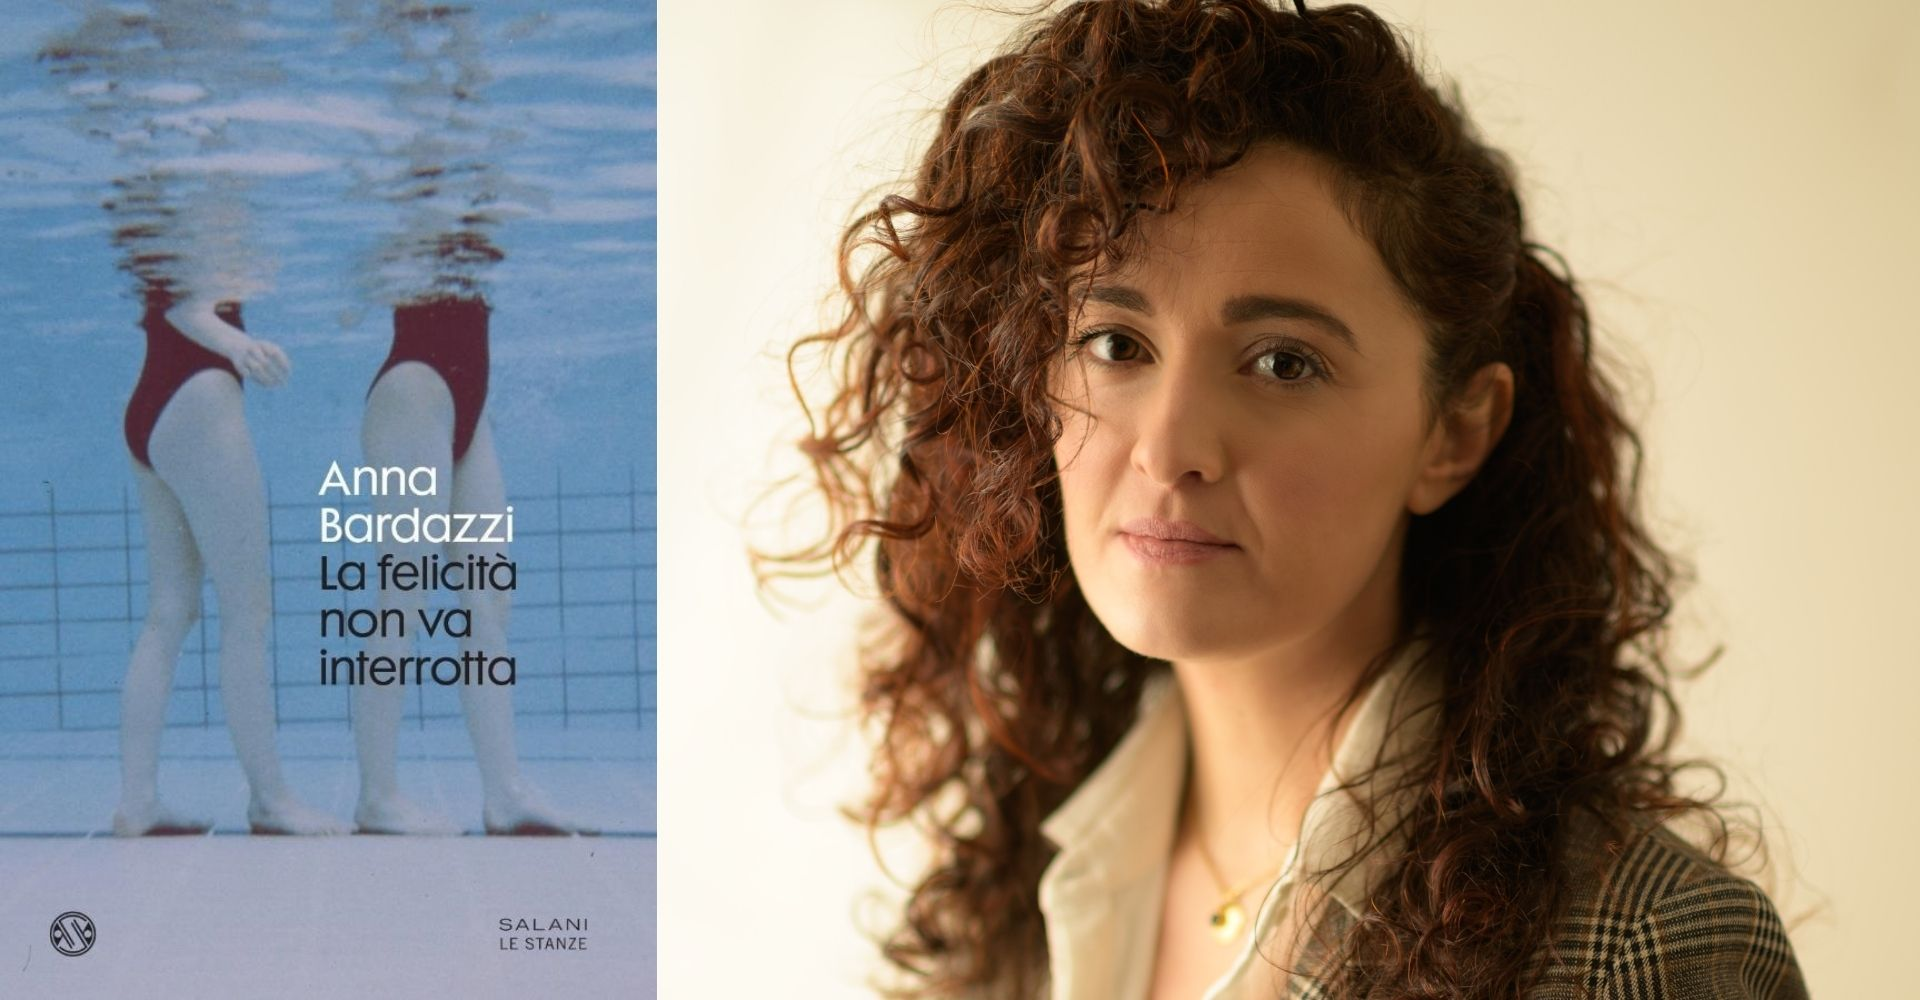 Anna Bardazzi: